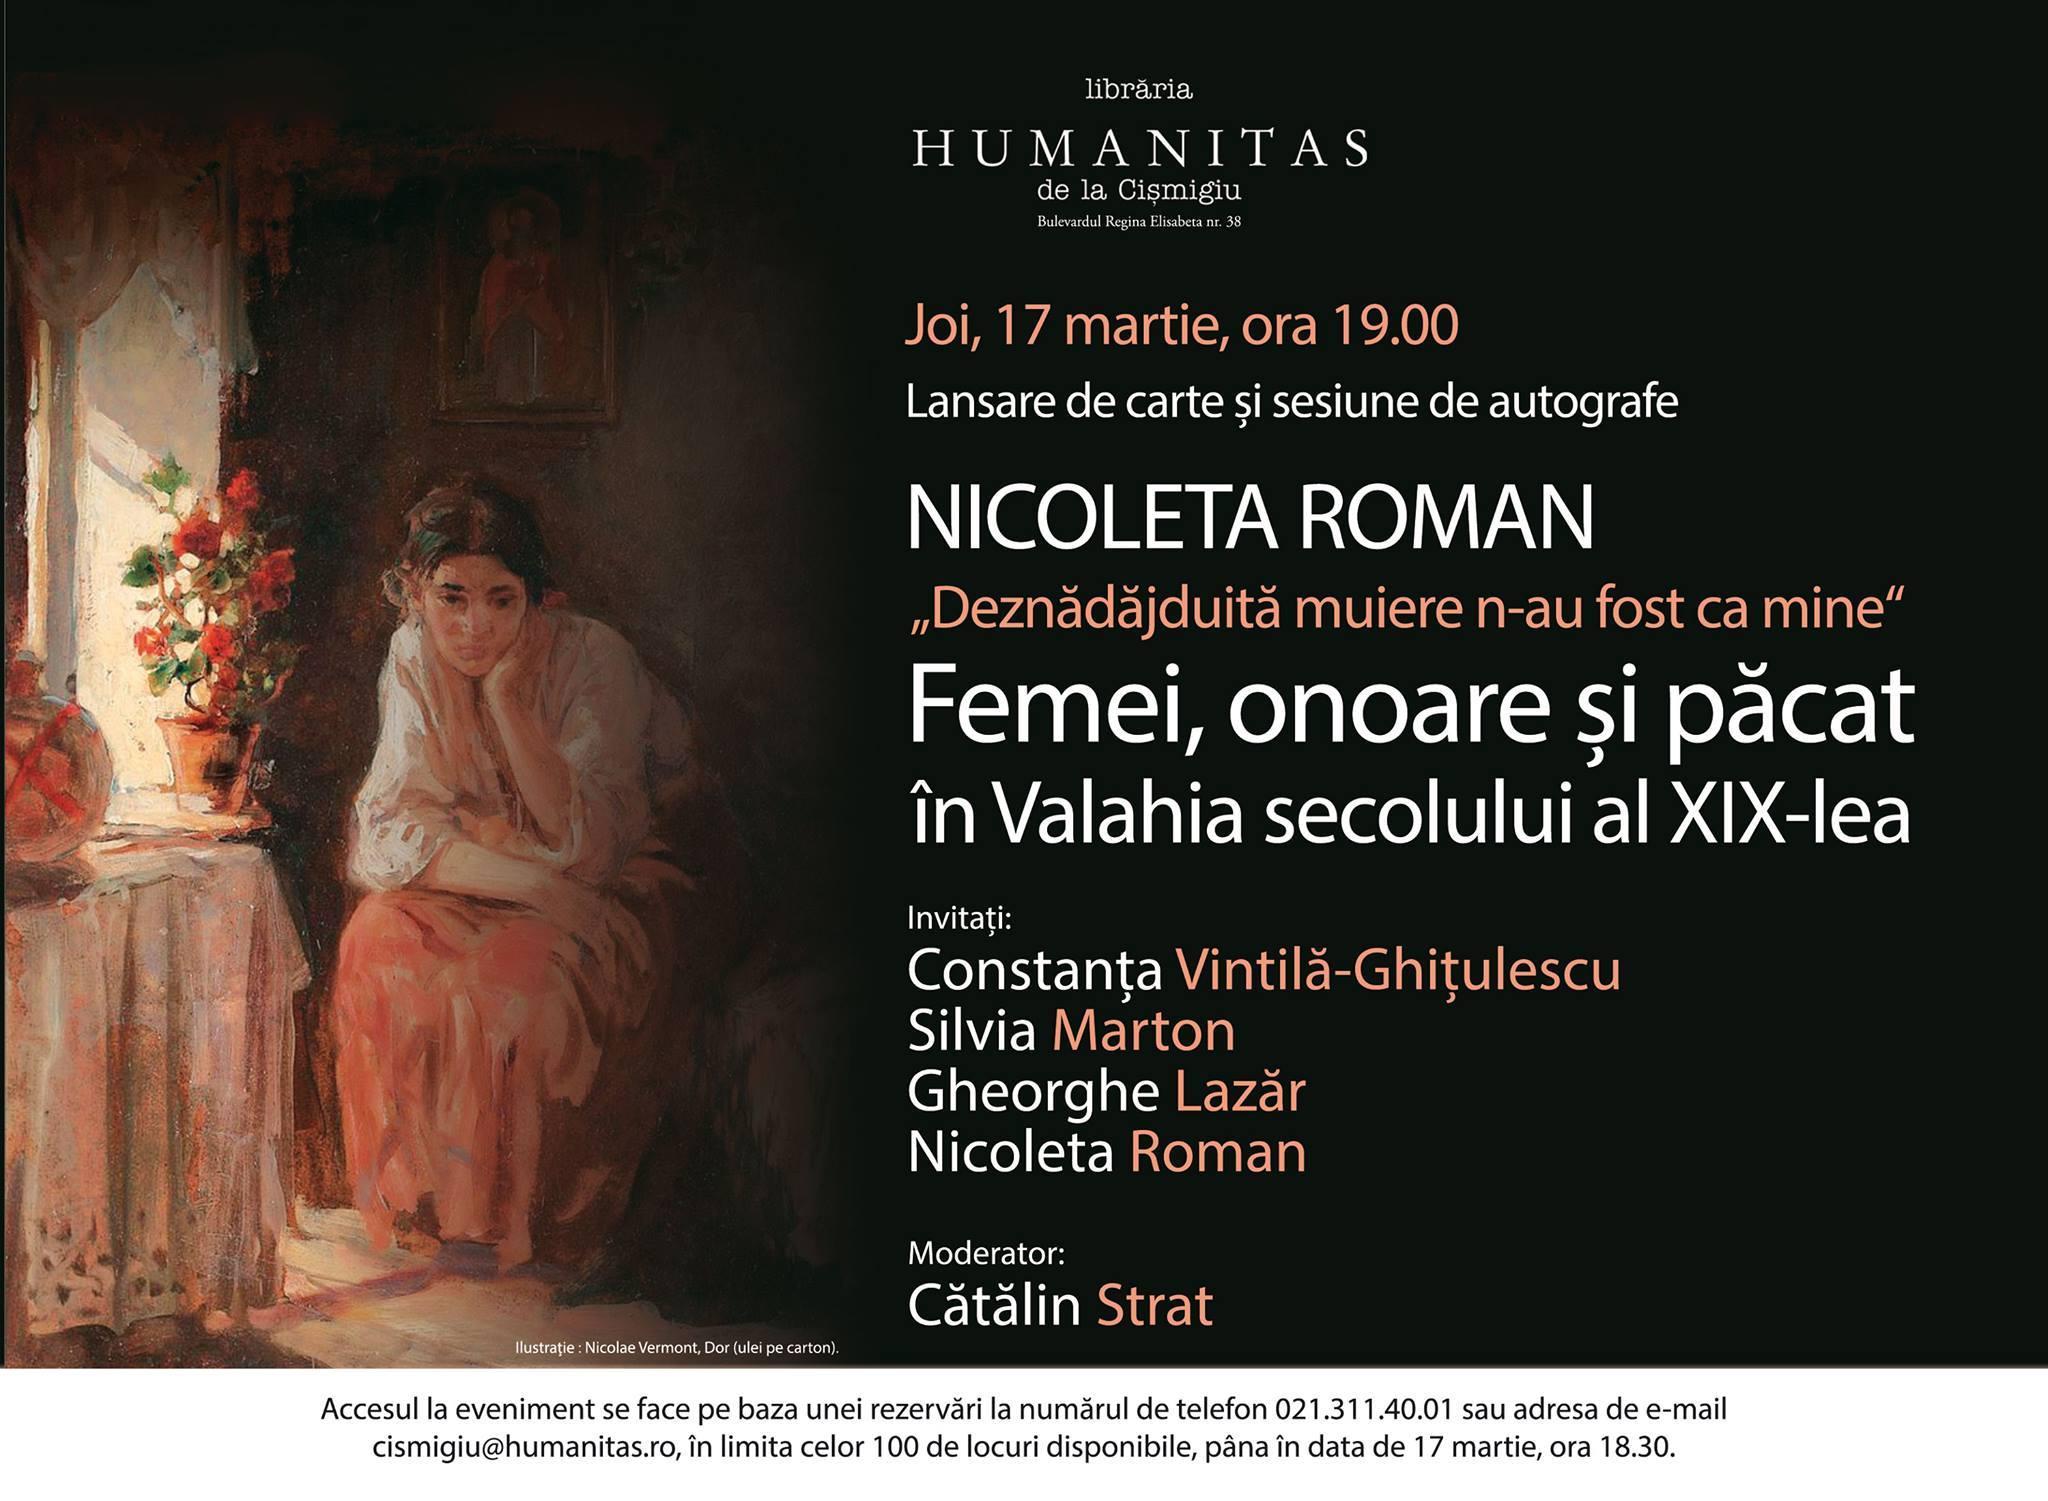 """""""Femei, onoare şi păcat în Valahia secolului al XIX-lea"""" de Nicoleta Roman, în dezbatere la Humanitas Cişmigiu"""